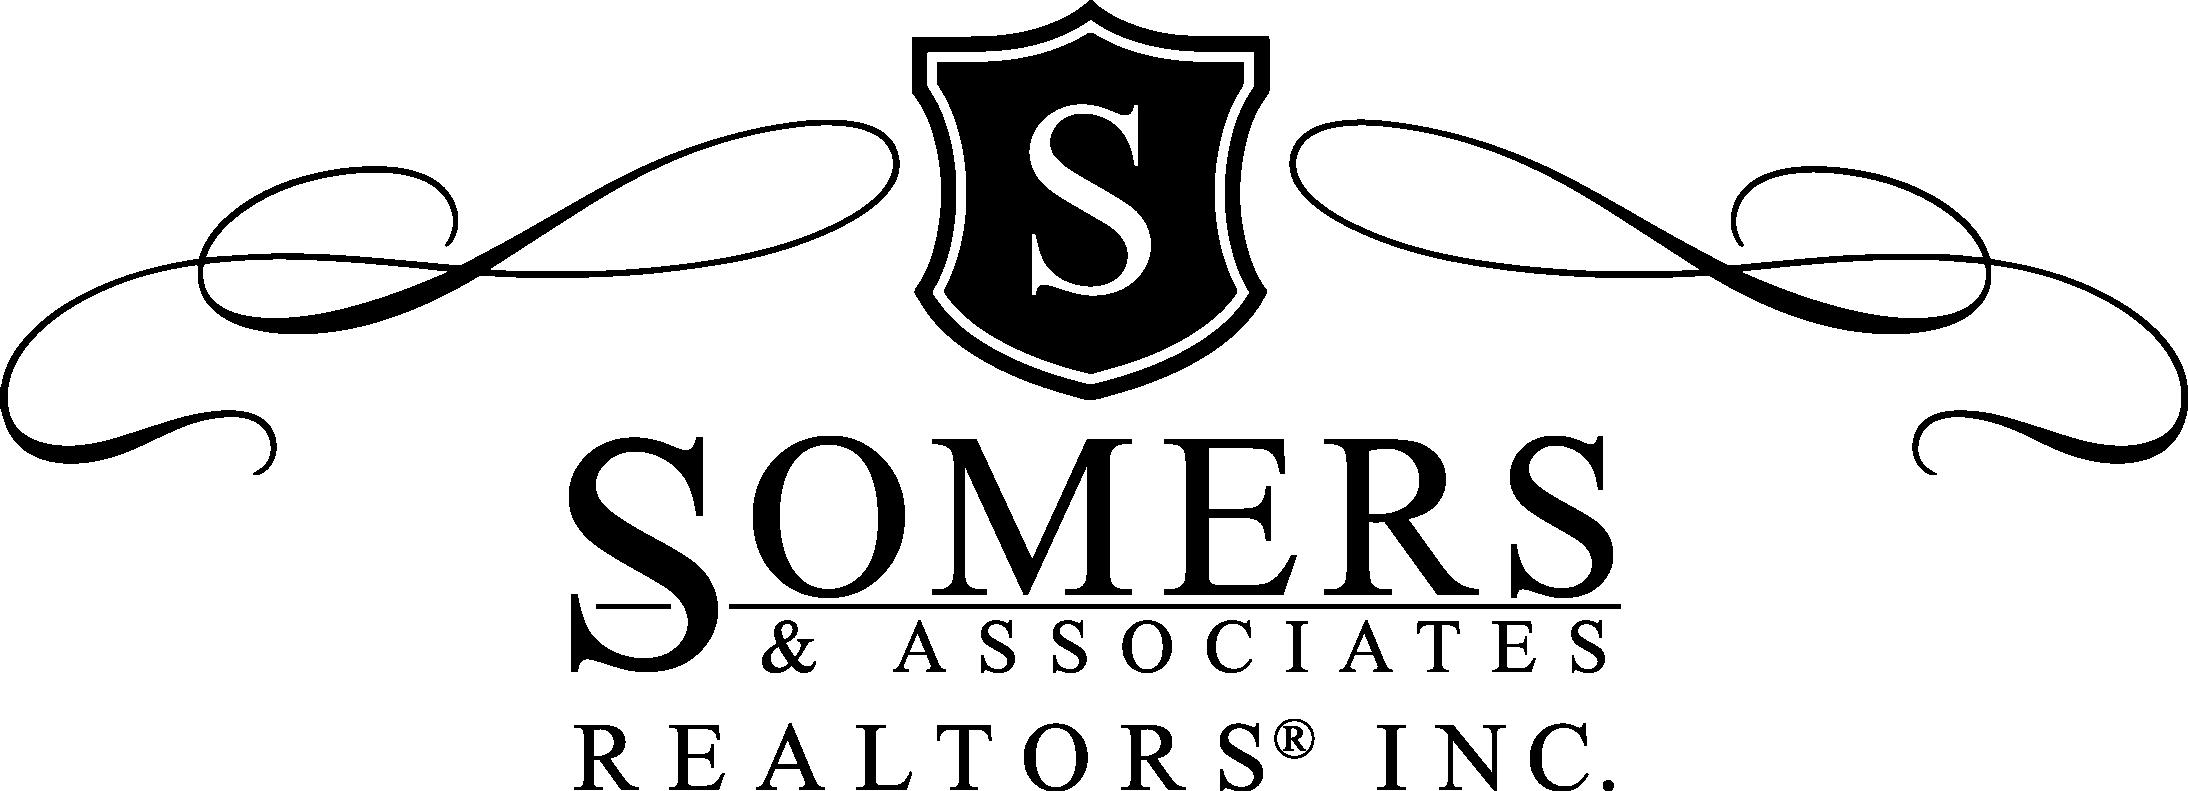 Somers-Logo-July-2015-Black-Transparent.png